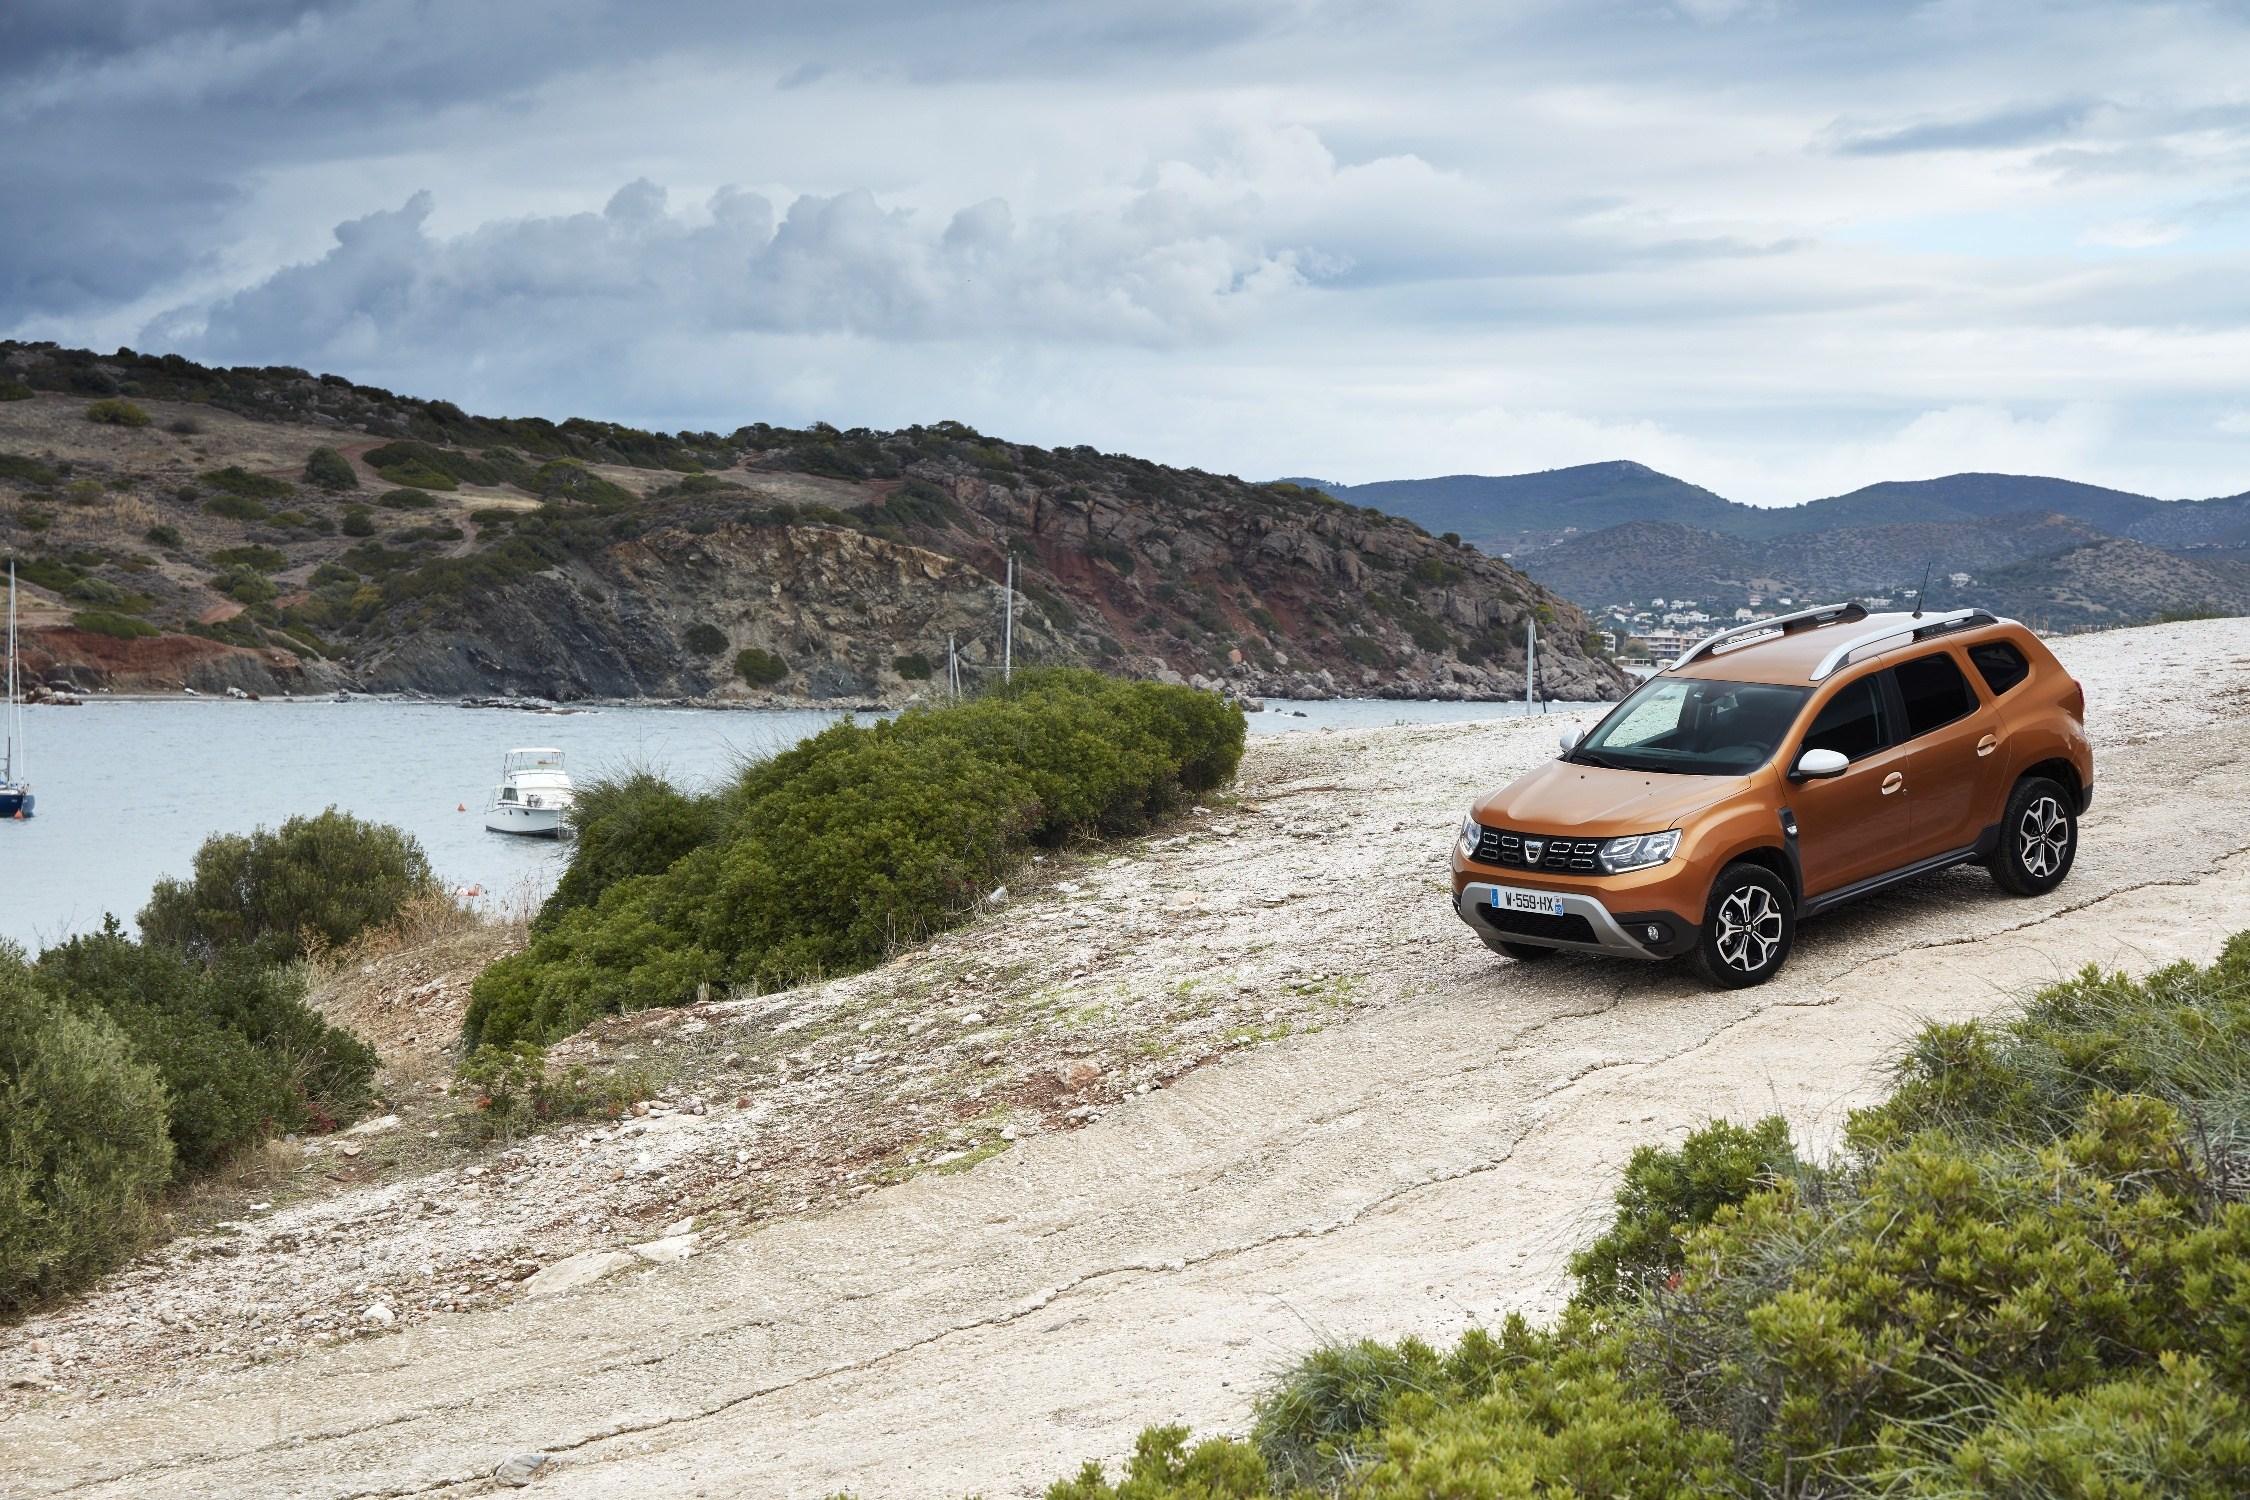 Παγκόσμια Παρουσίαση στην Ελλάδα! Οι πρώτες εικόνες του νέου Dacia Duster